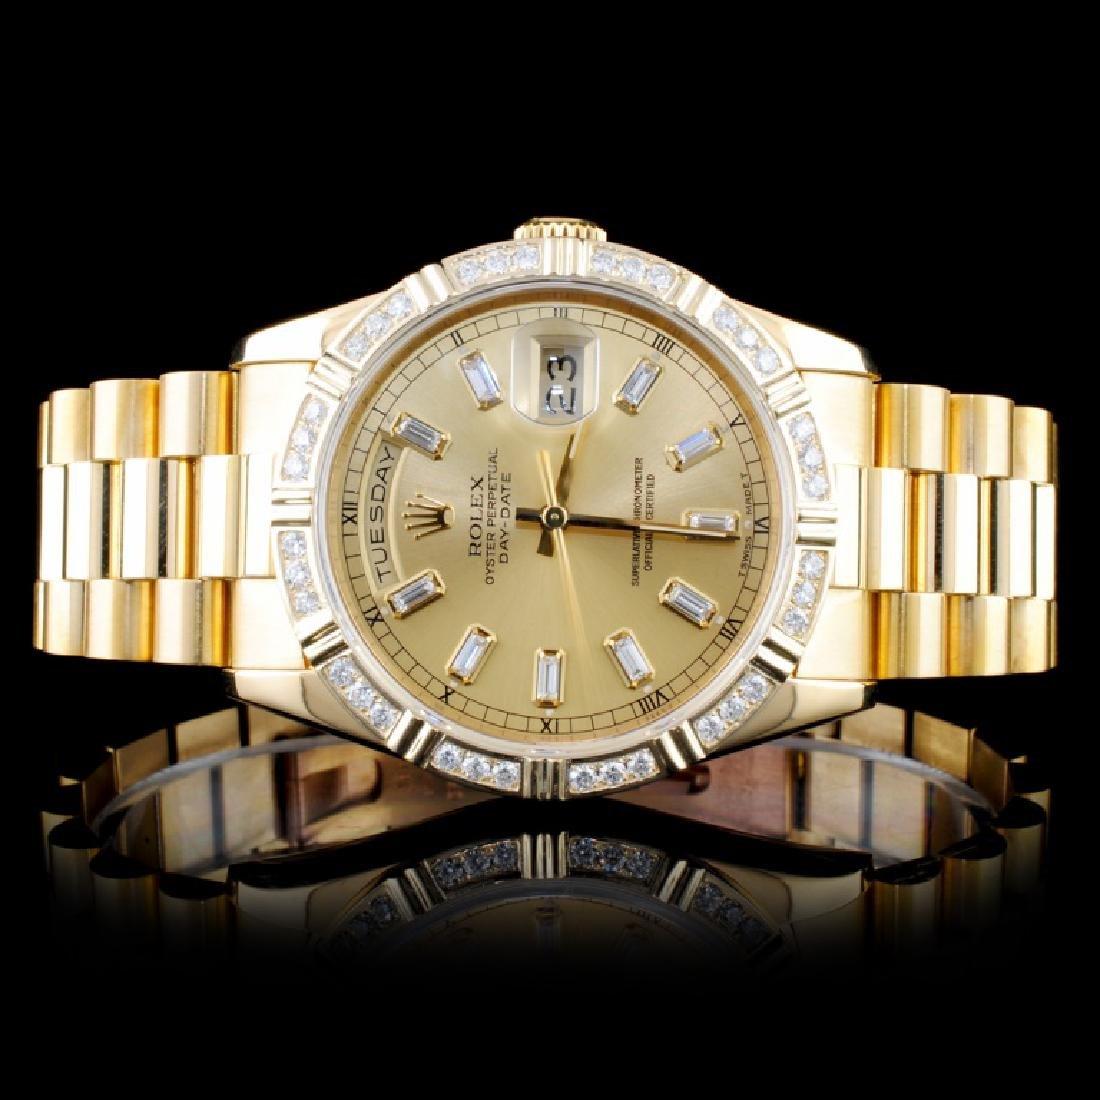 Rolex 18K Day-Date Diamond Gents Wristwatc